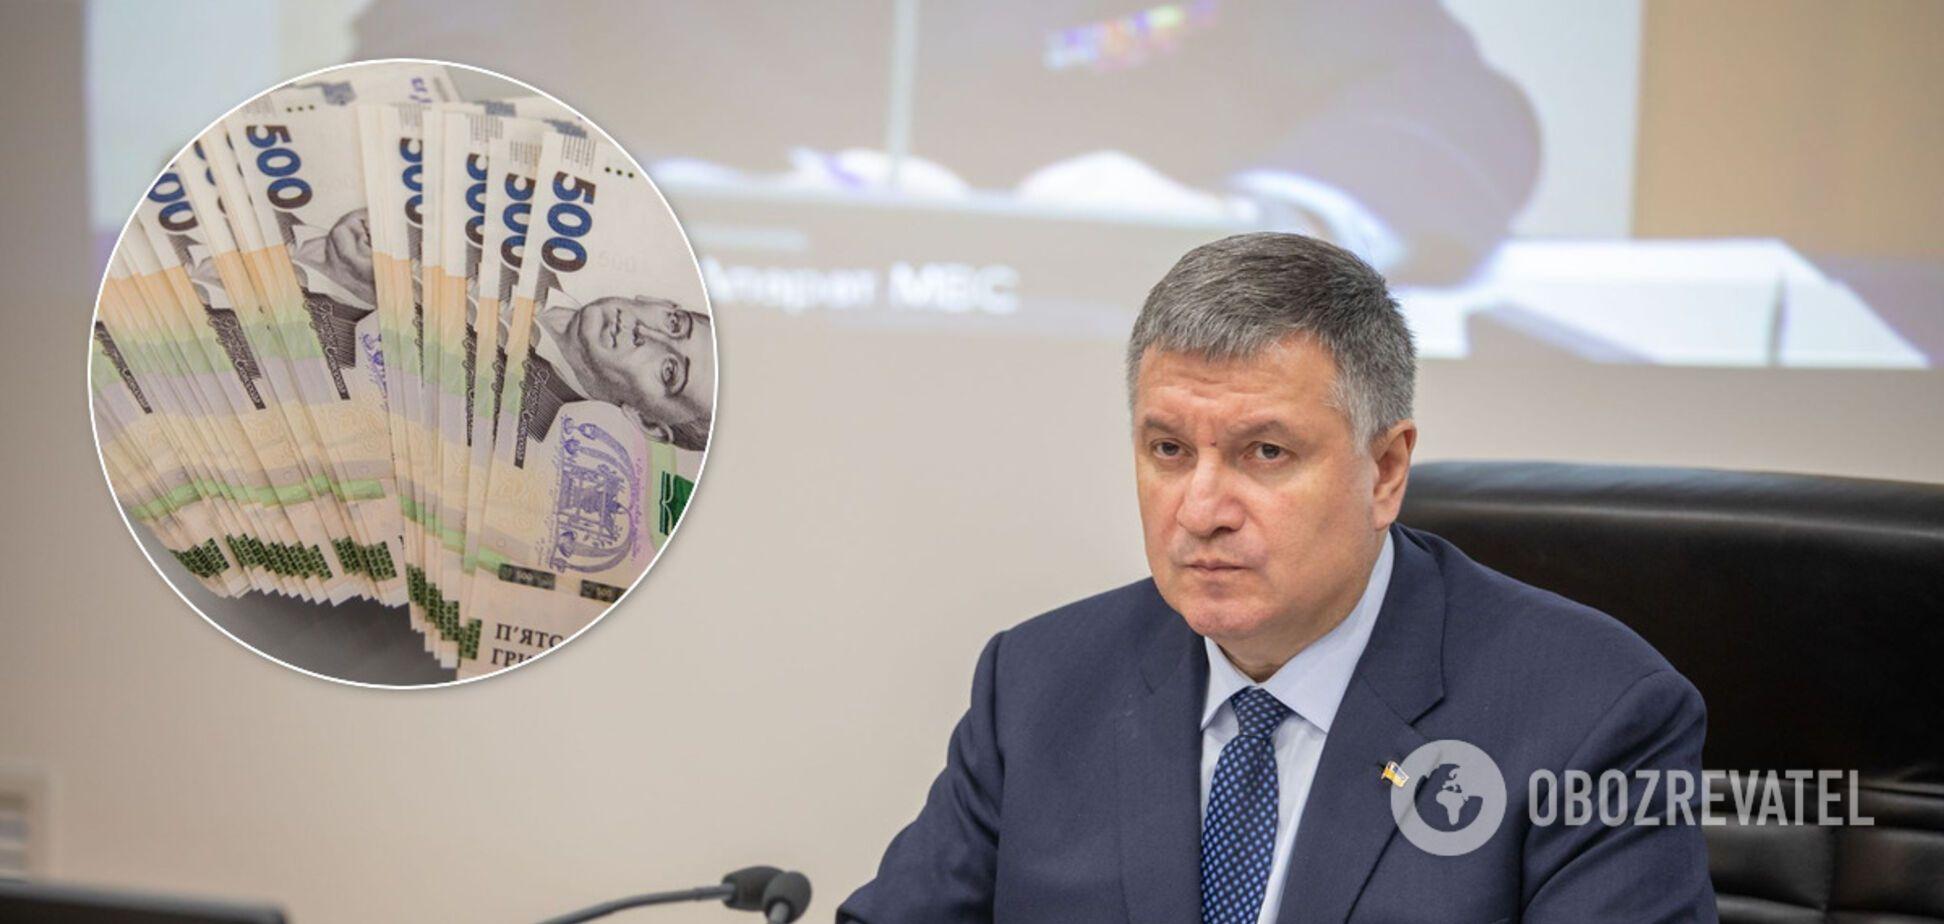 Комитет Рады согласовал выделение МВД 2,6 млрд грн из Фонда борьбы с COVID-19